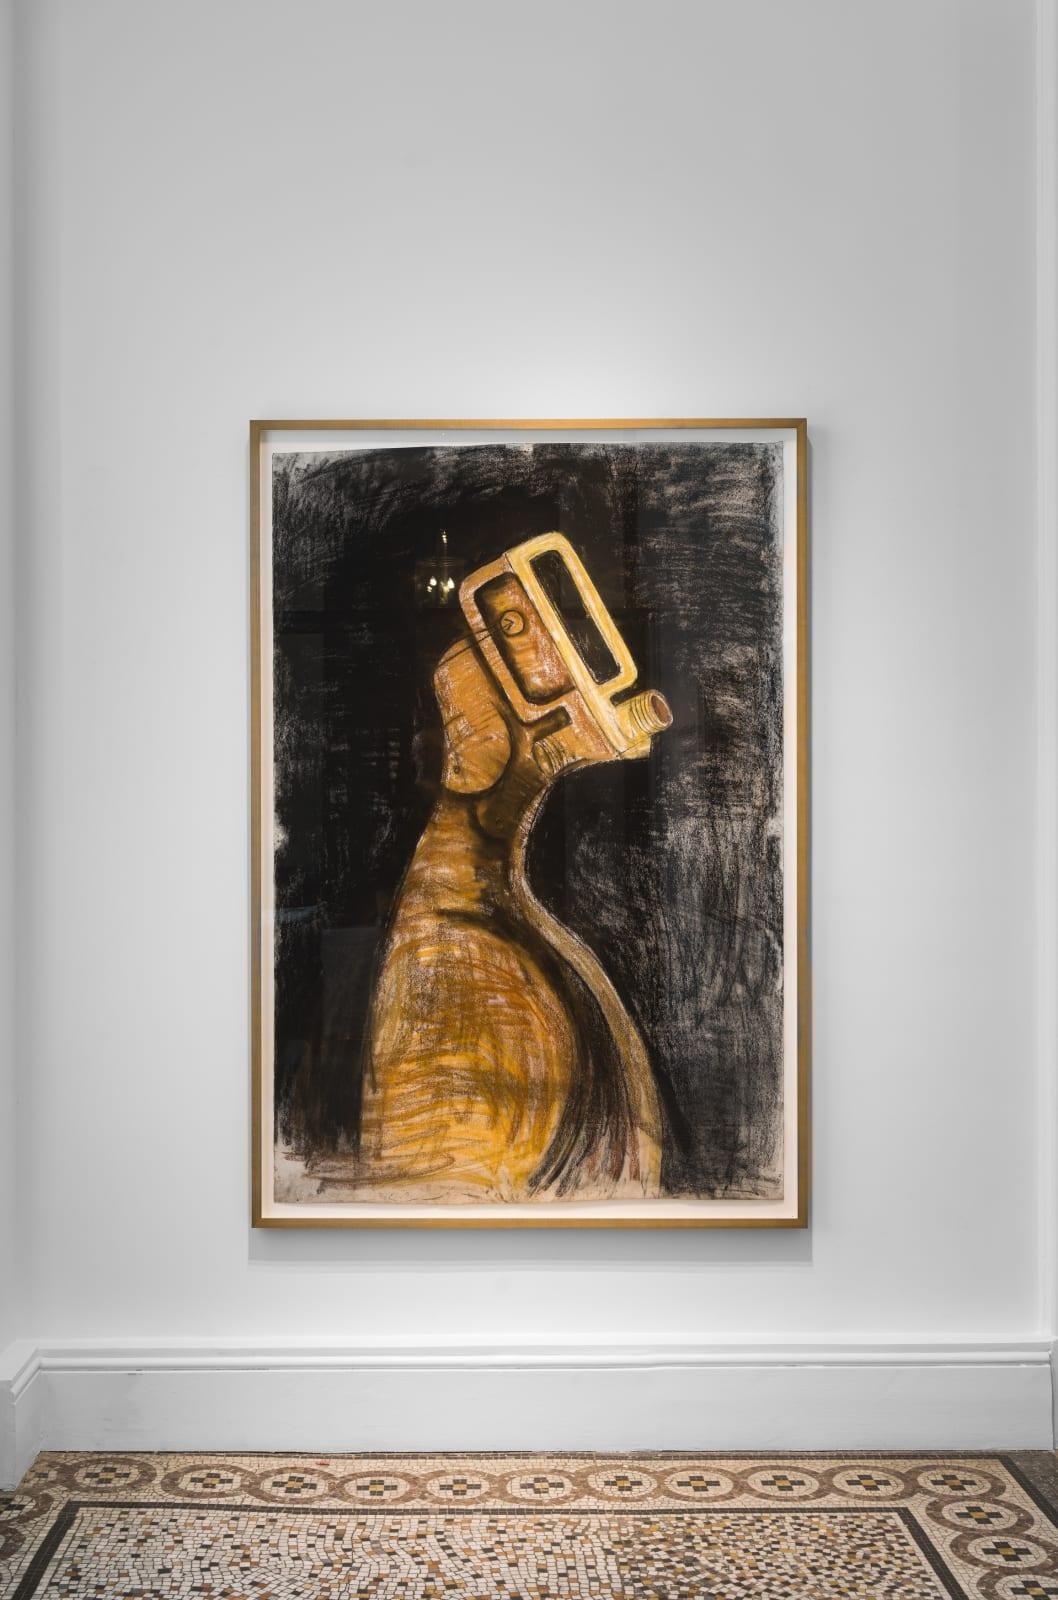 Serge Attukwei- Clottey 'Distinctive Gestures'